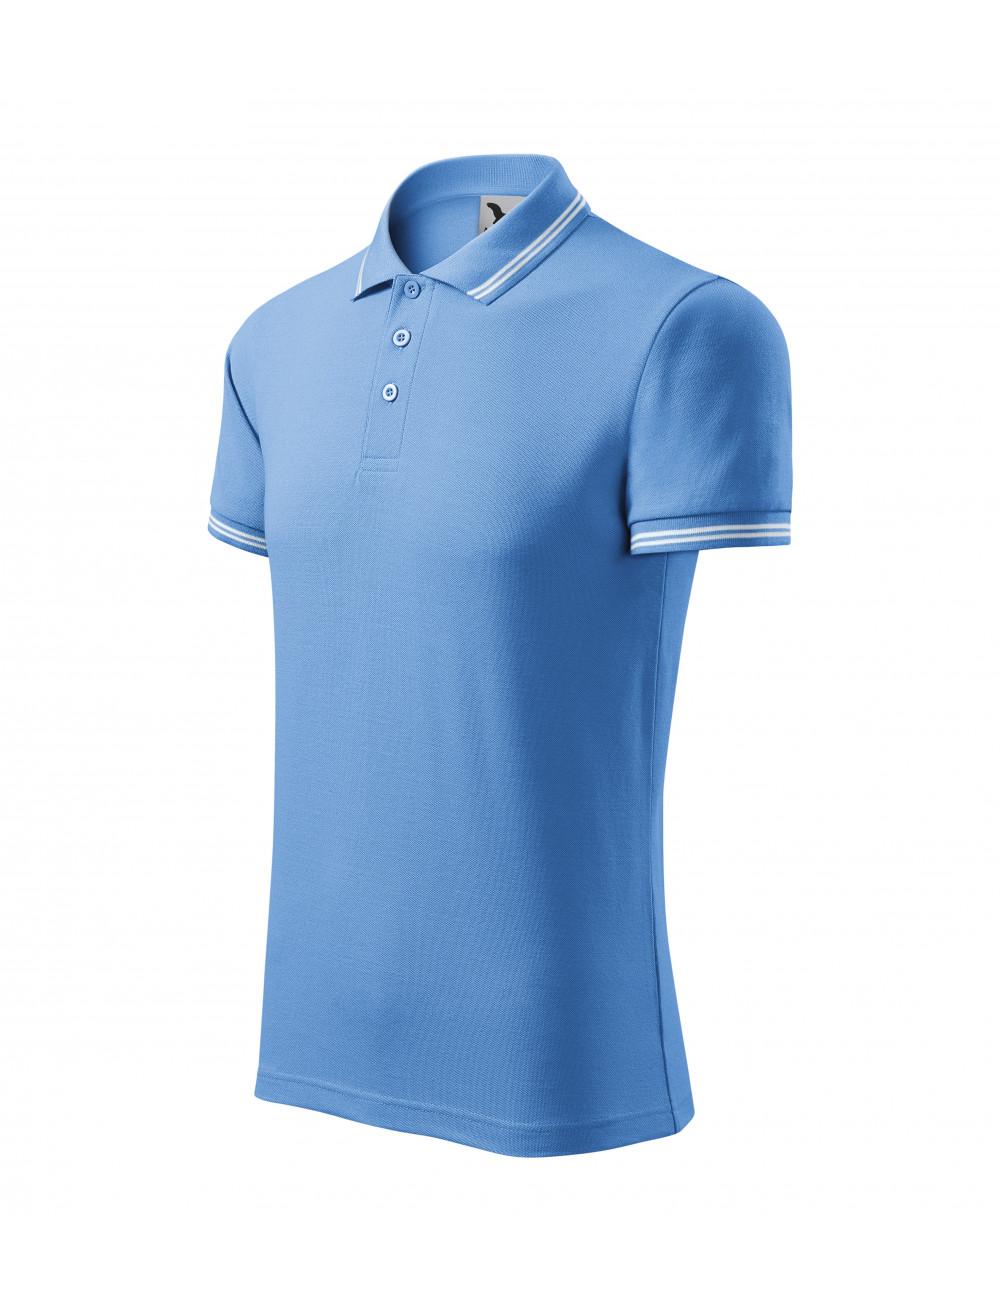 Adler MALFINI Koszulka polo męska Urban 219 błękitny